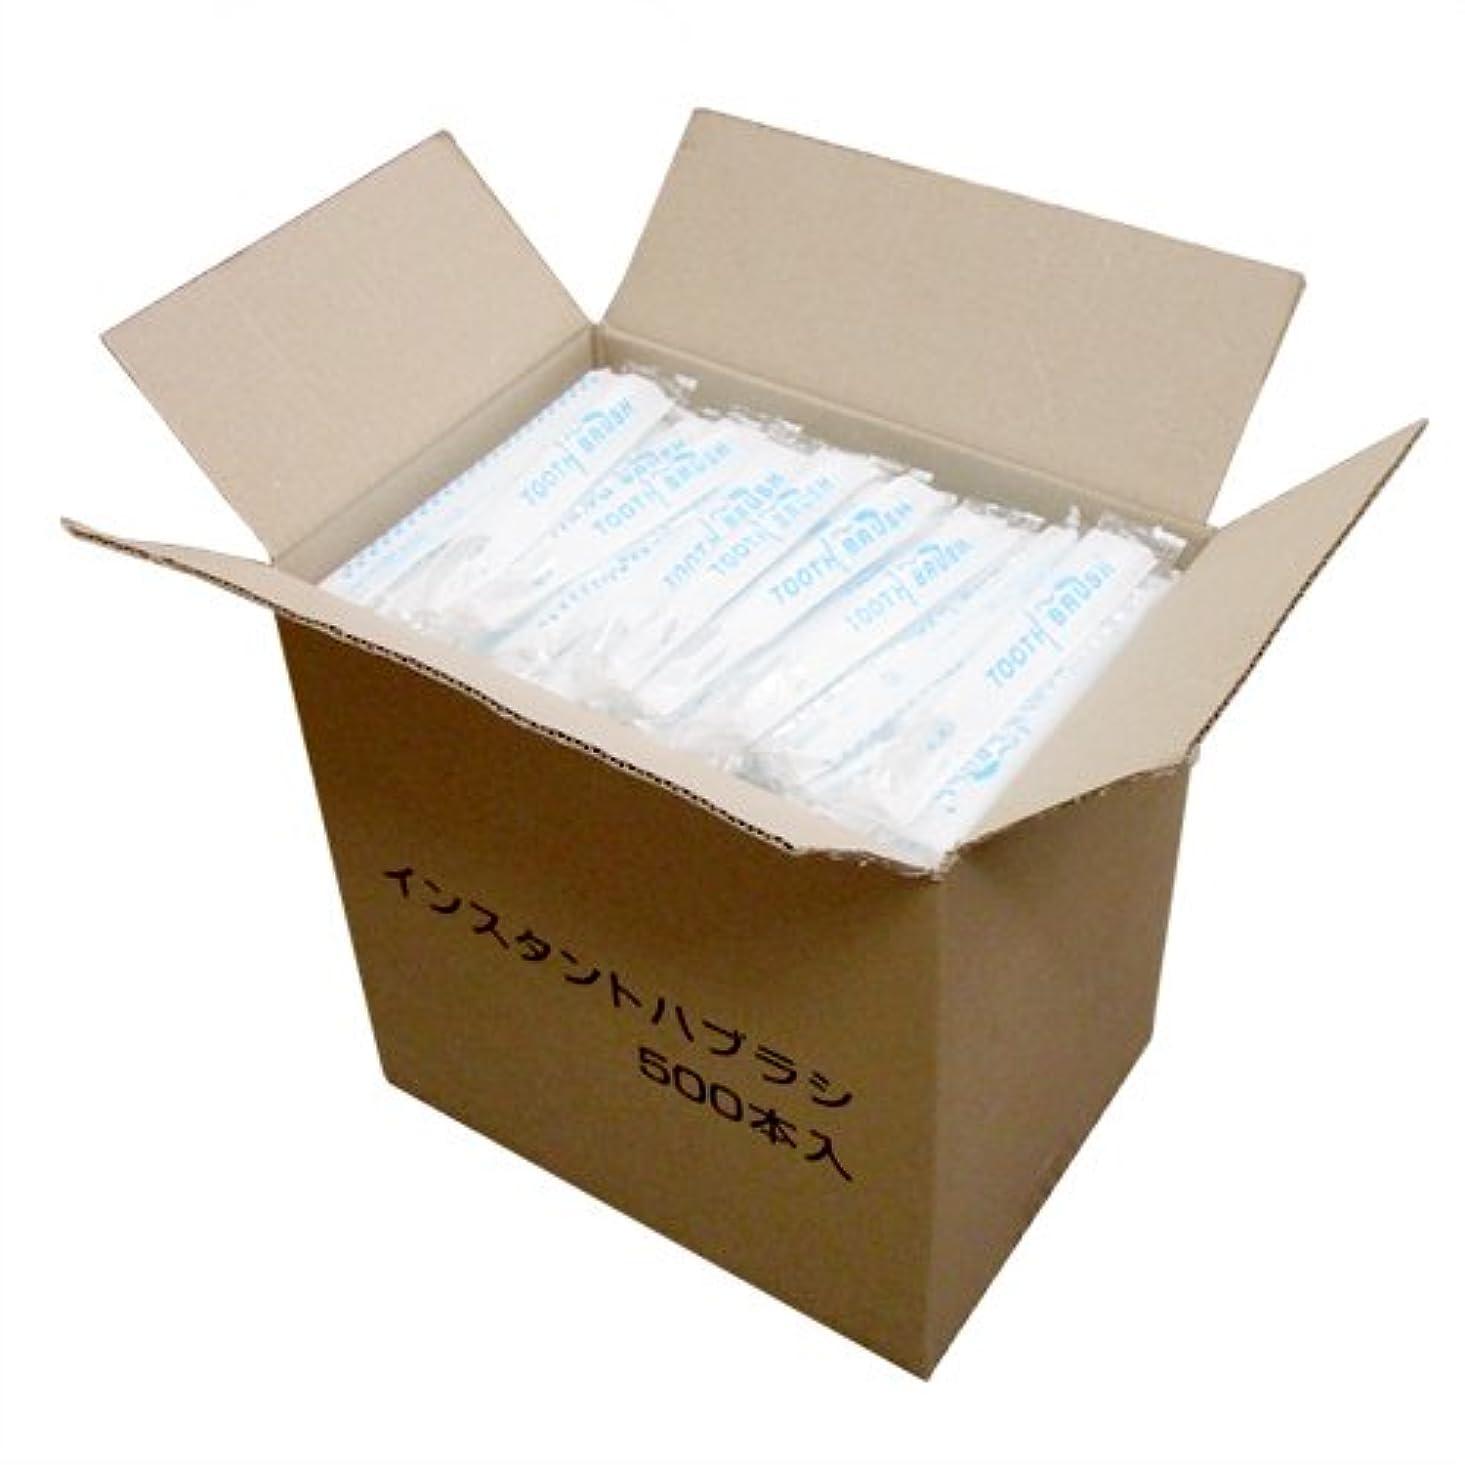 検閲プット土地業務用 日本製 使い捨て粉付き歯ブラシ 個包装タイプ 500本入×8箱 (4000本入)│ホテルアメニティ